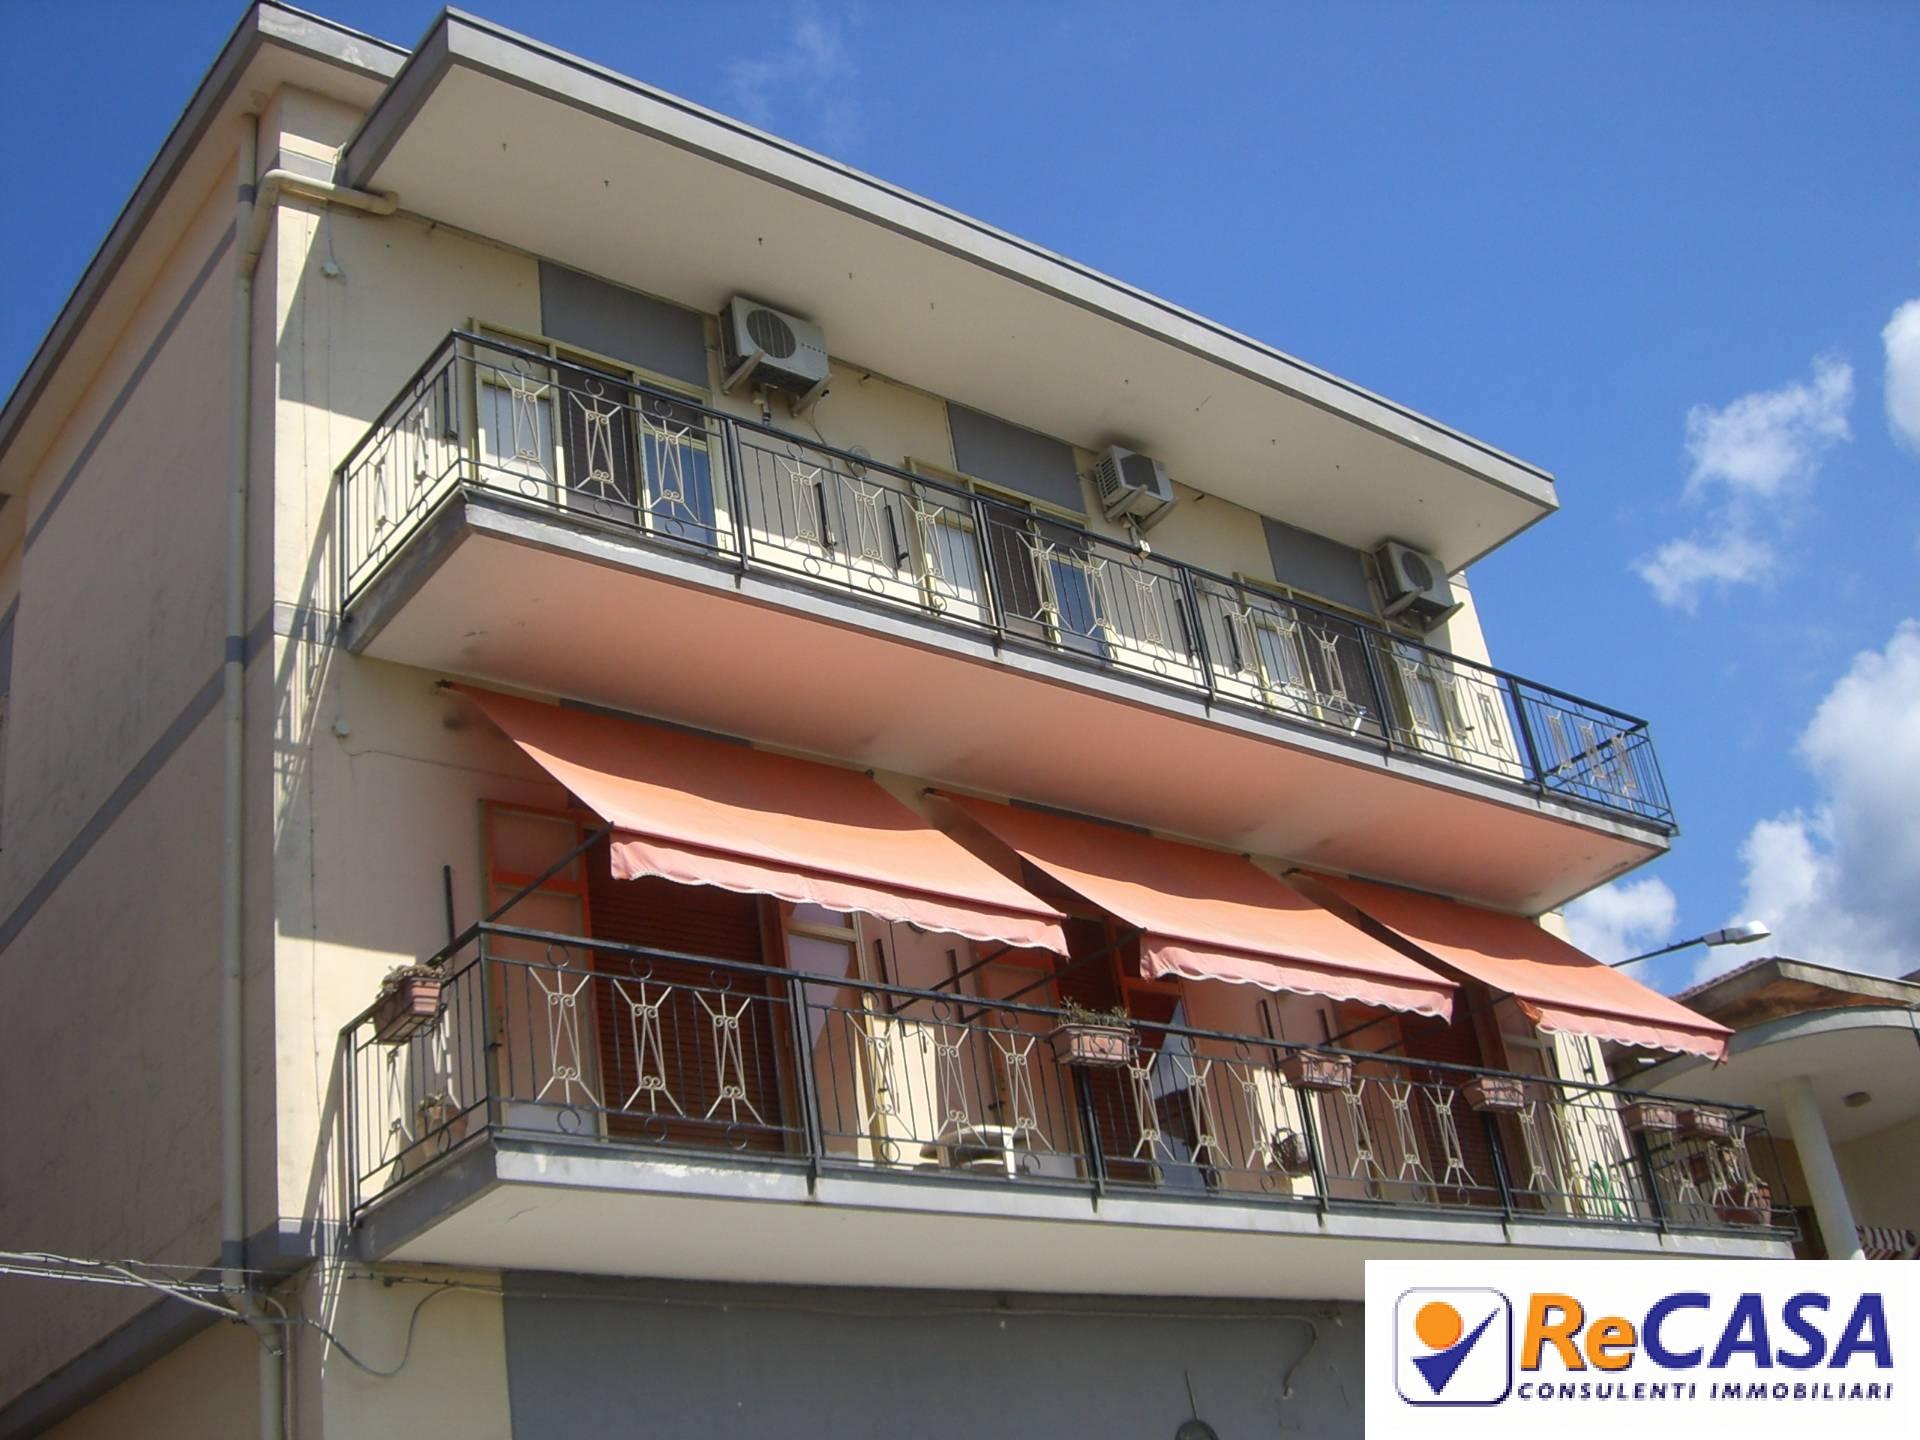 Appartamento in vendita a Montecorvino Rovella, 5 locali, zona Località: Centro, prezzo € 89.000 | Cambio Casa.it